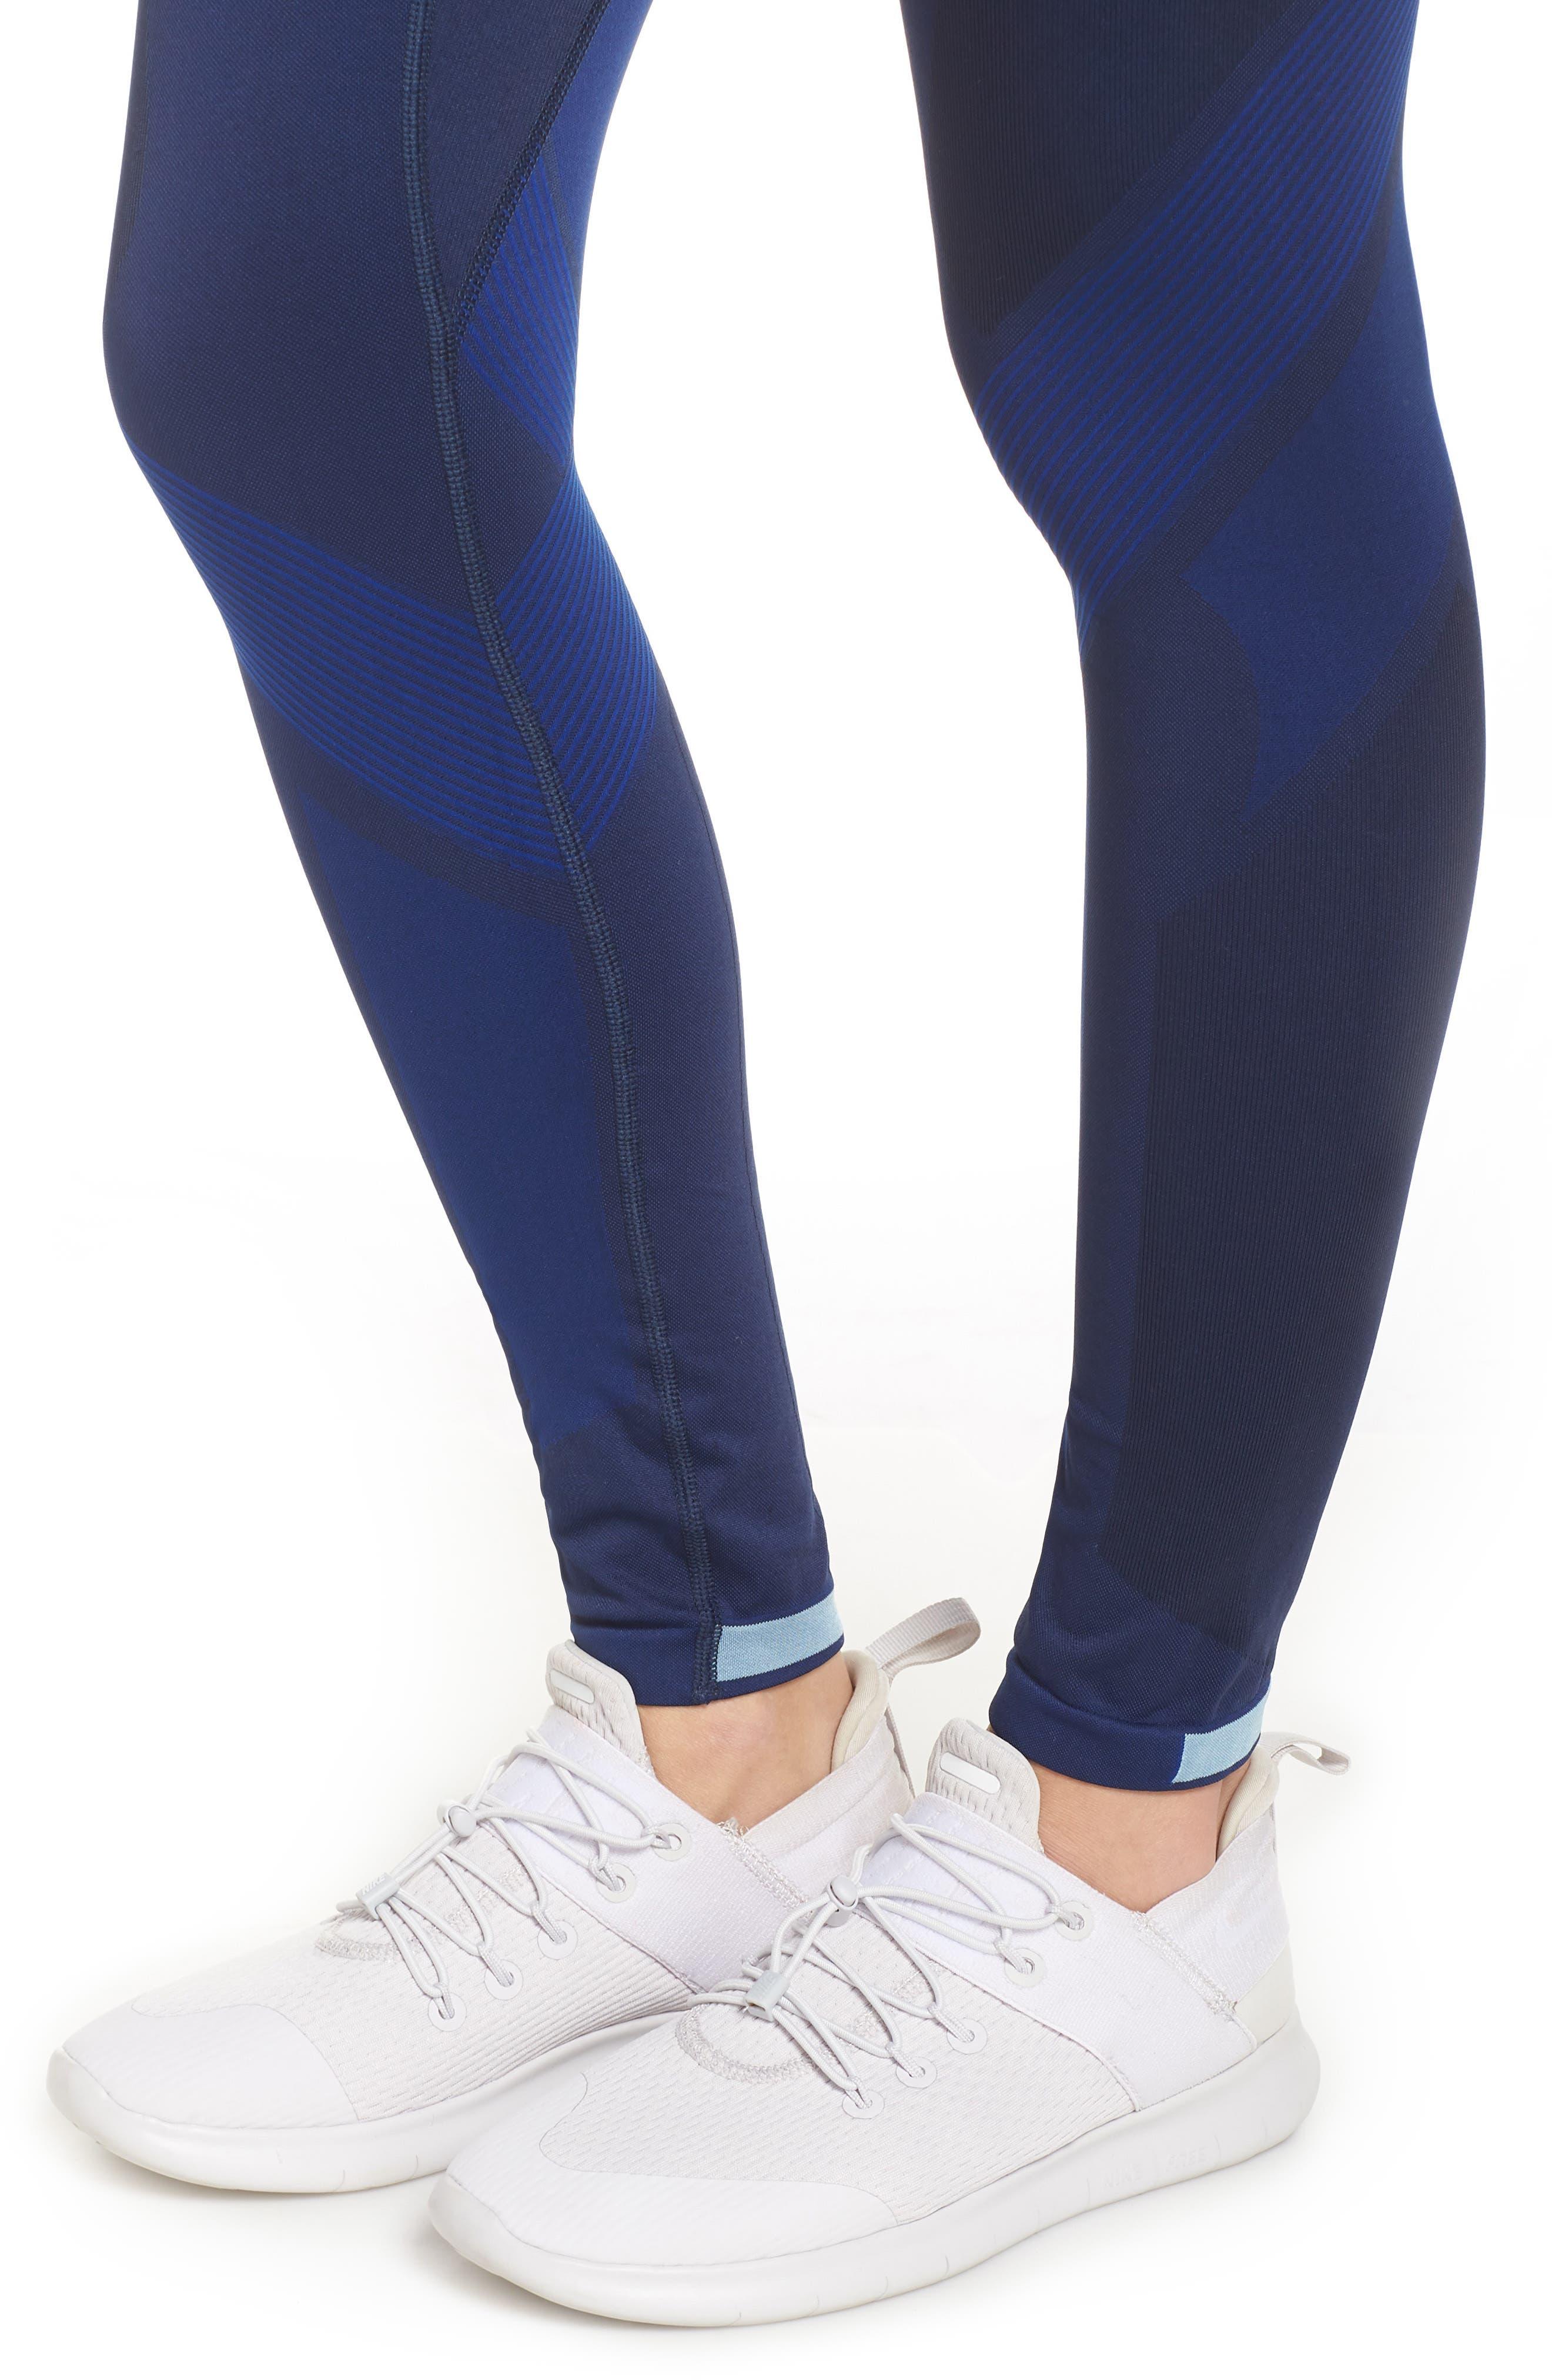 Motion High Waist Seamless Leggings,                             Alternate thumbnail 4, color,                             NAVY / BLUE